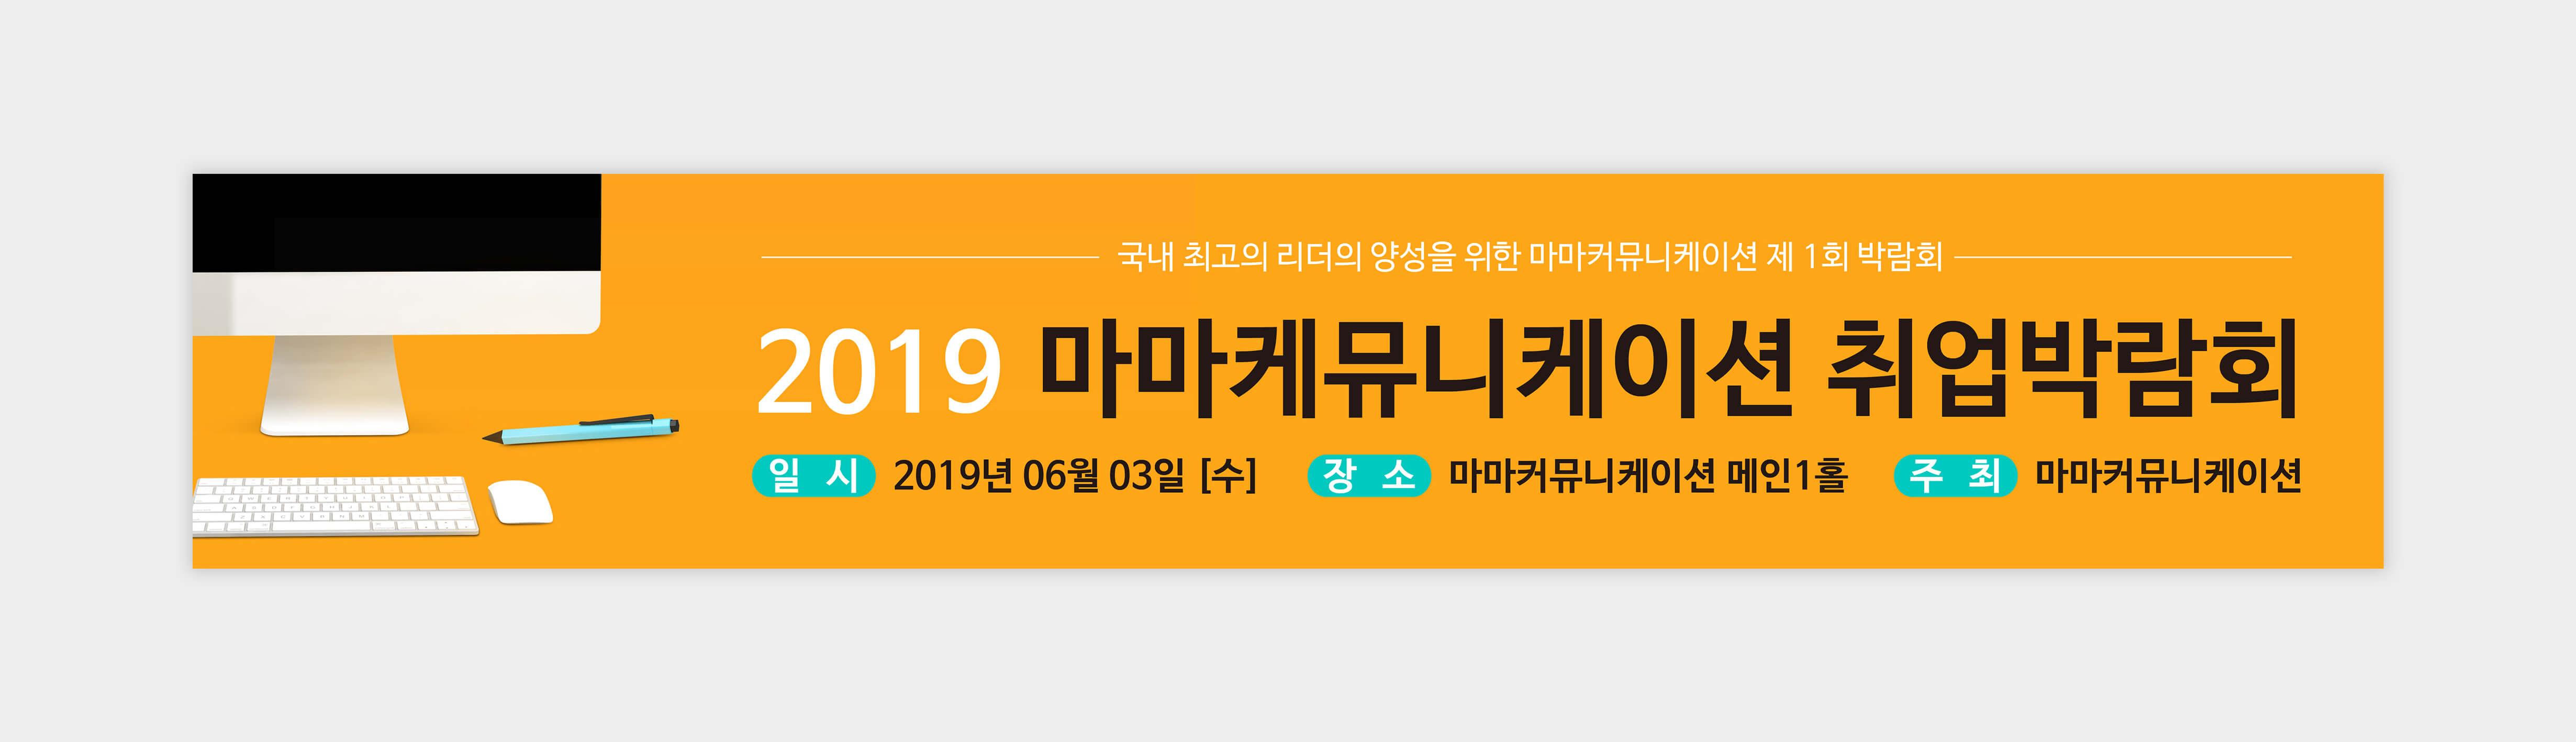 현수막_094